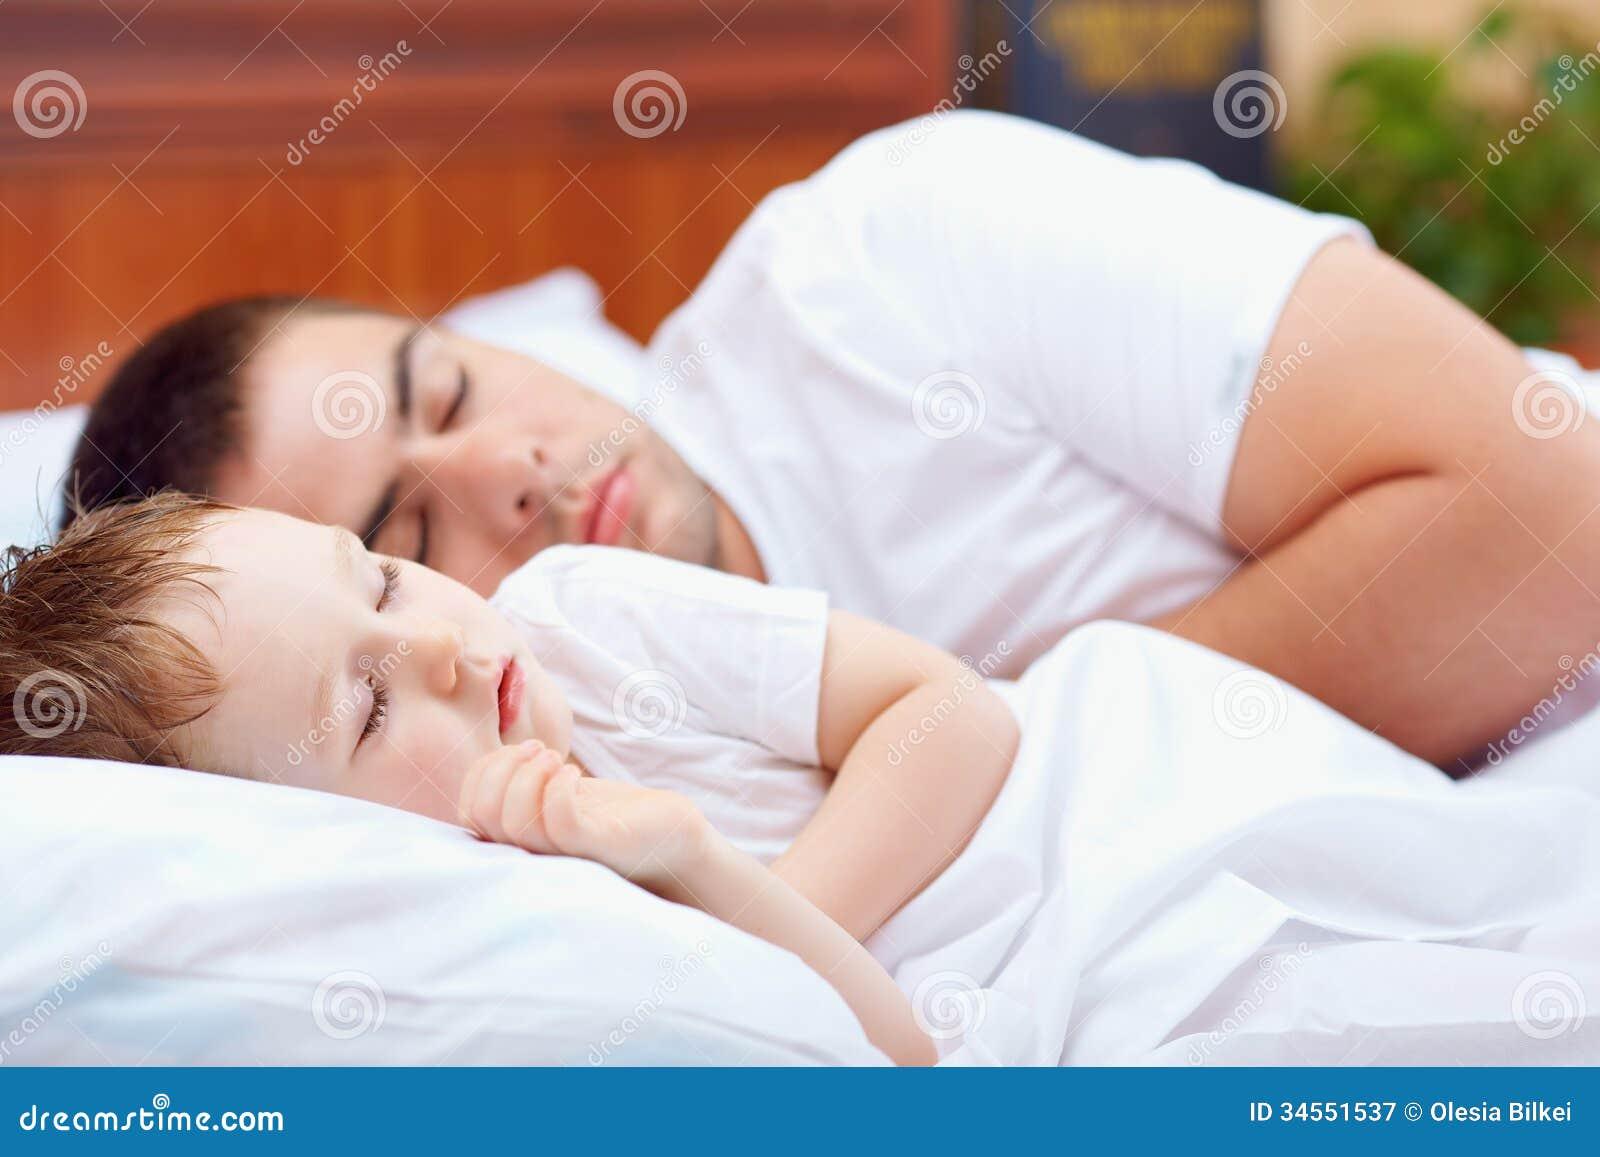 Баба спящая